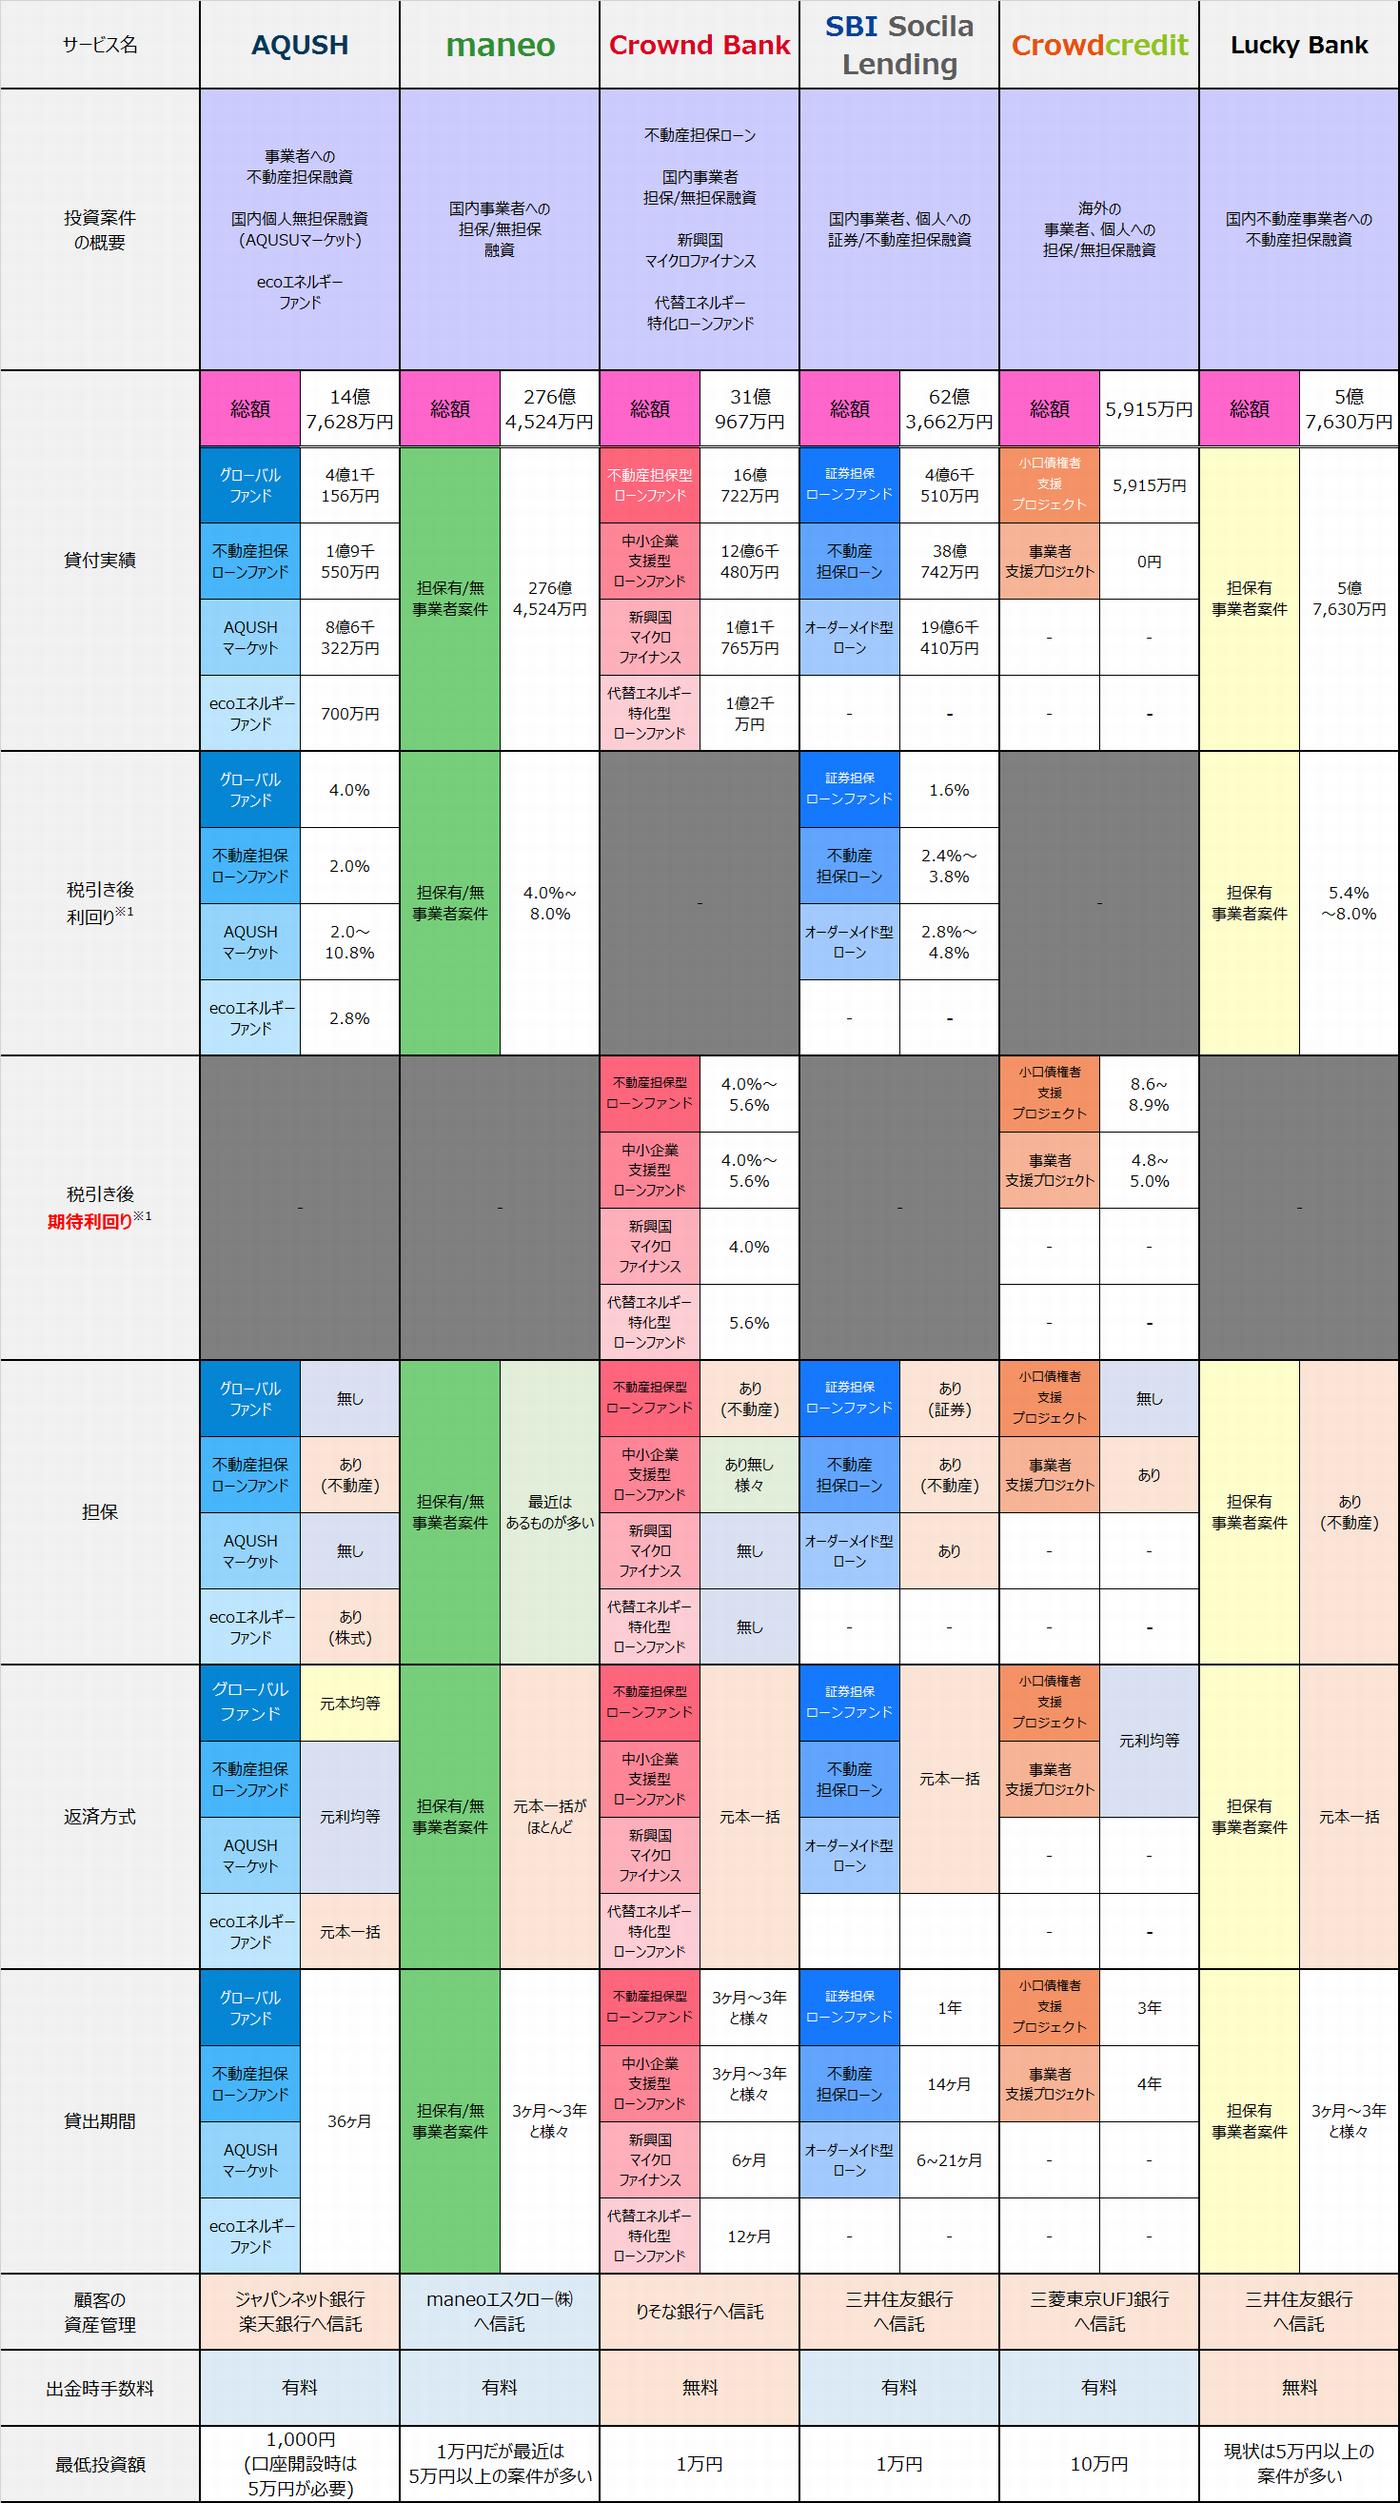 2015年5月時点ソーシャルレンディングサービス提供案件比較